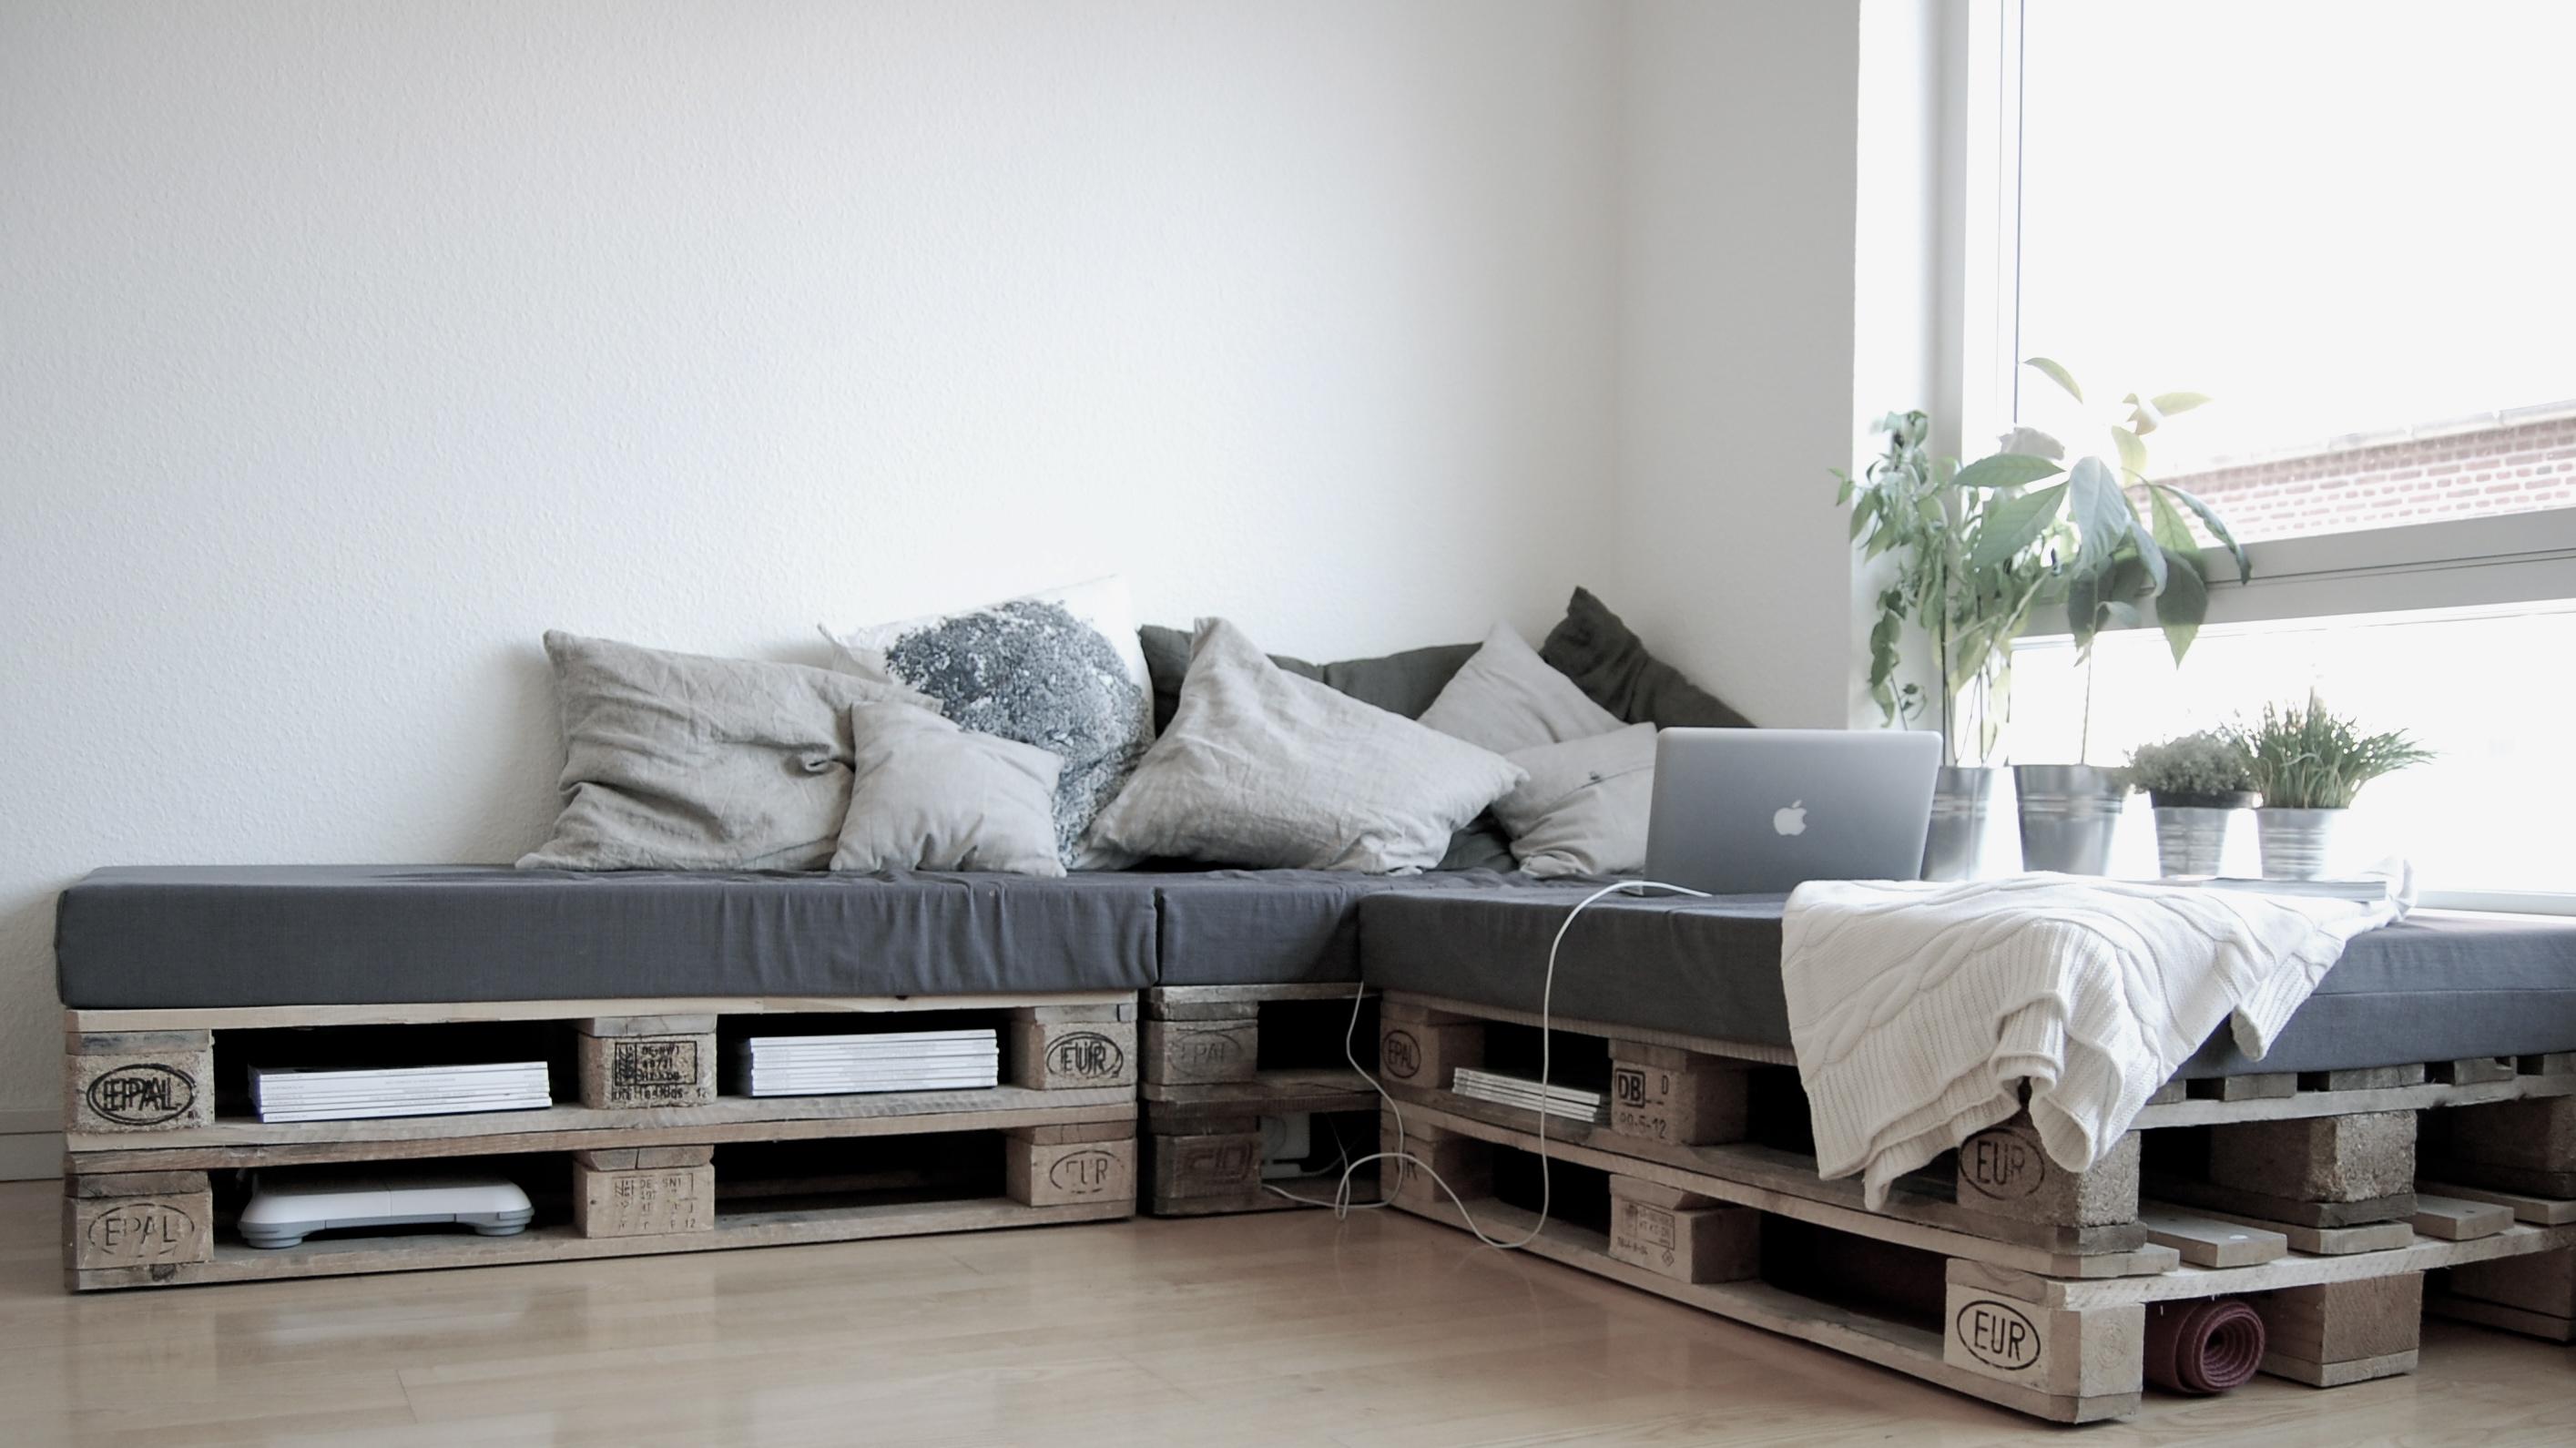 Diy pallet sofa dengan pallet euro untuk perabot bilik tidur